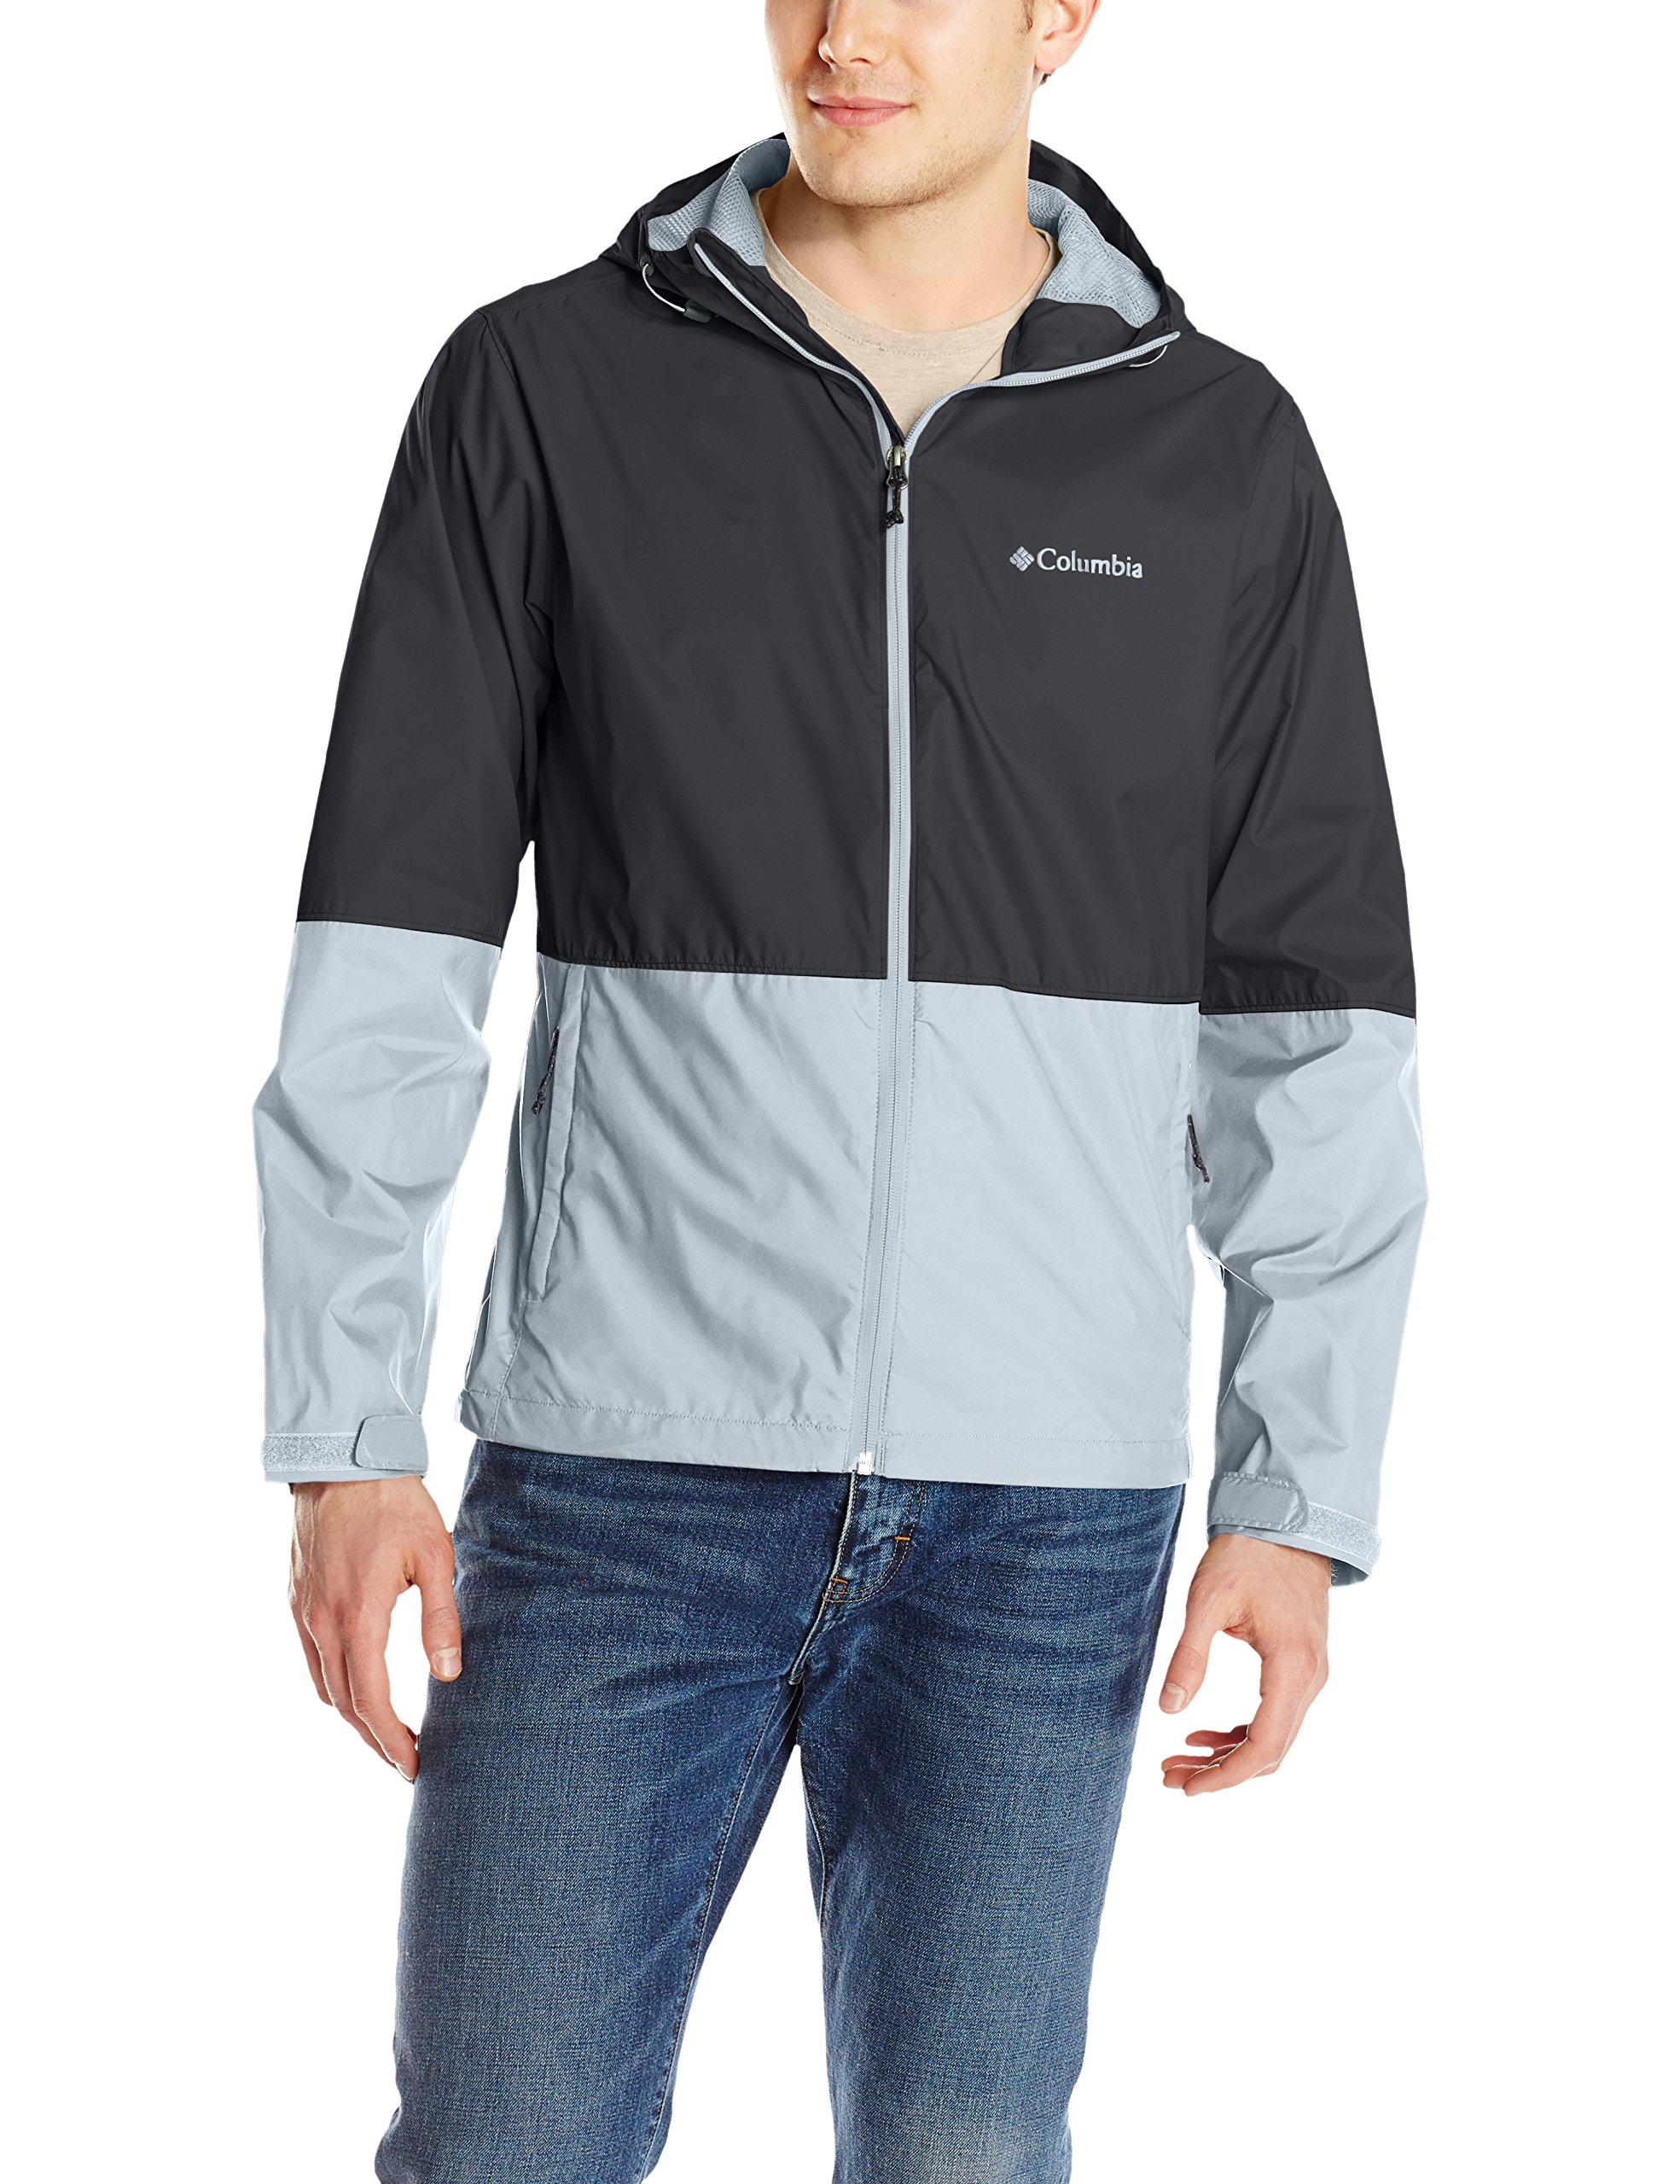 Columbia Men's Roan Mountain Jacket, Black/Grey Ash, Large